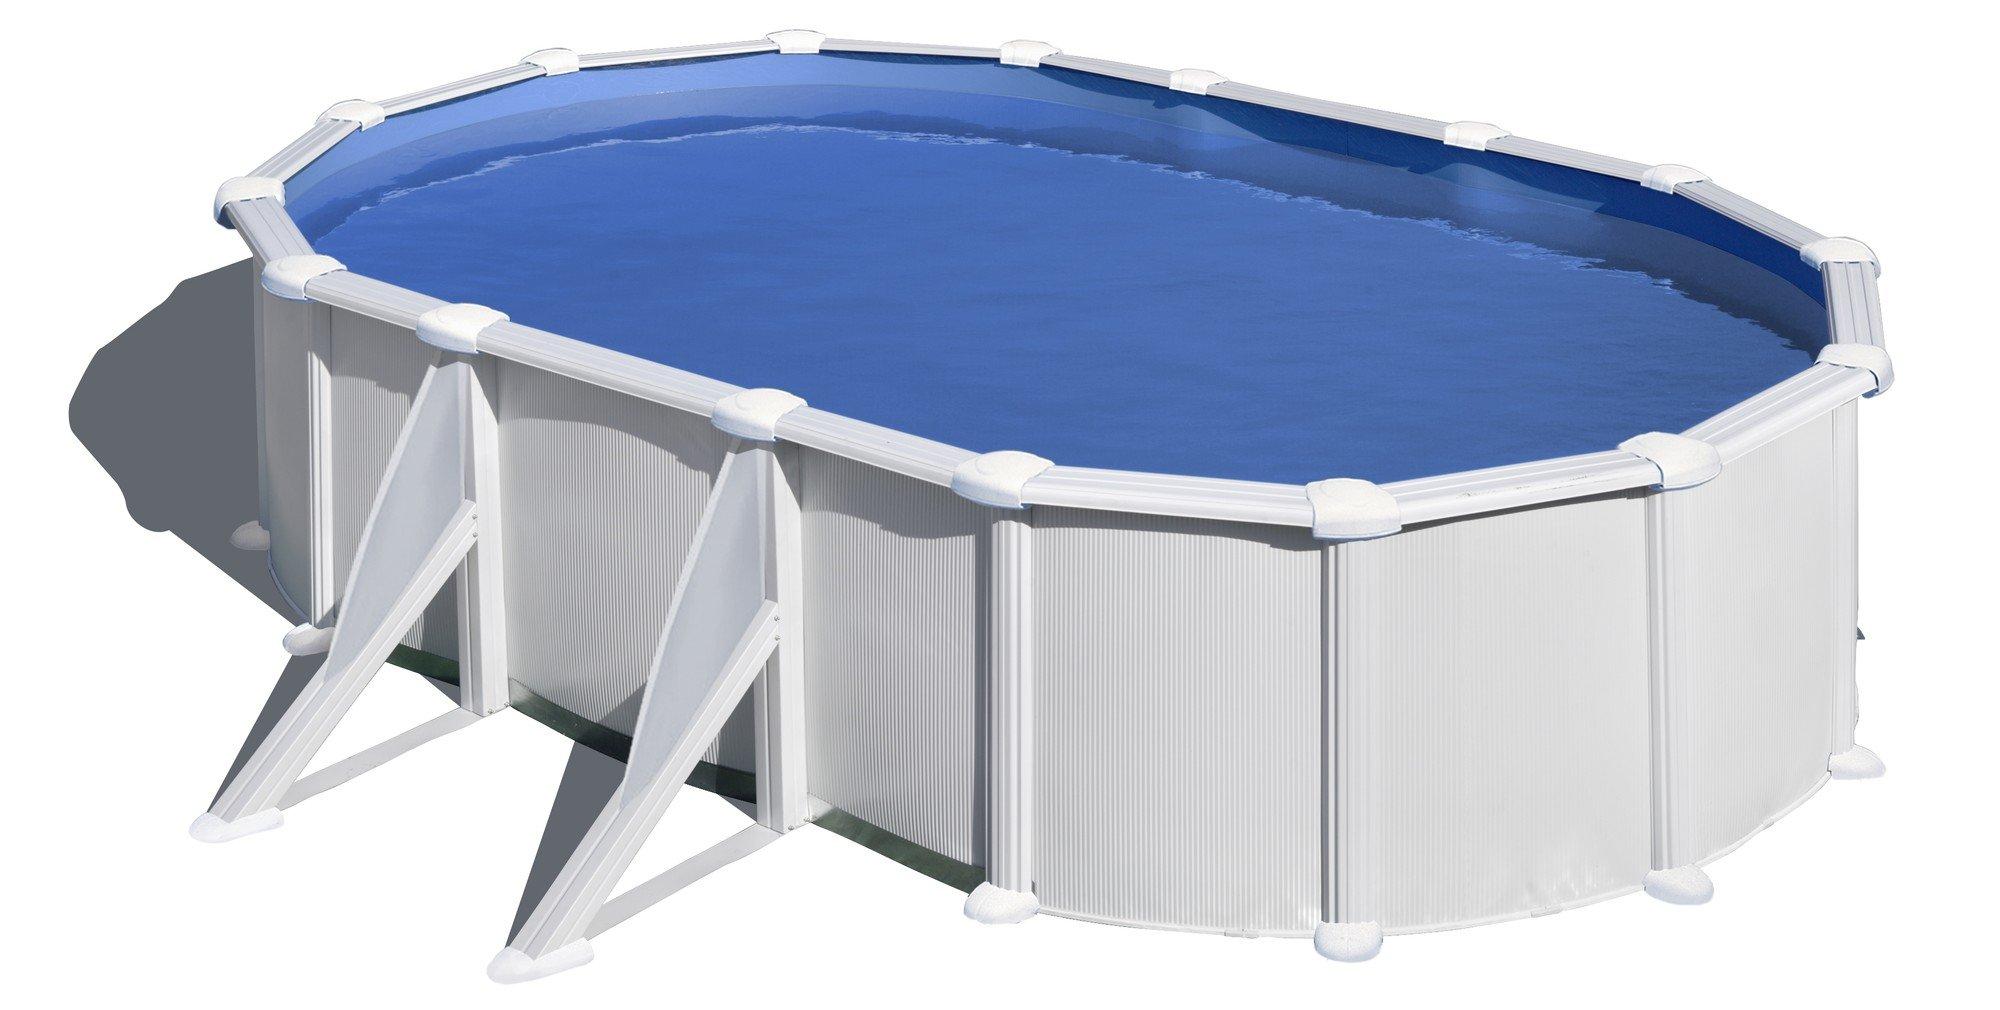 Afbeelding van Gré Atlantis stalen zwembad - 610 x 375 x 132 cm